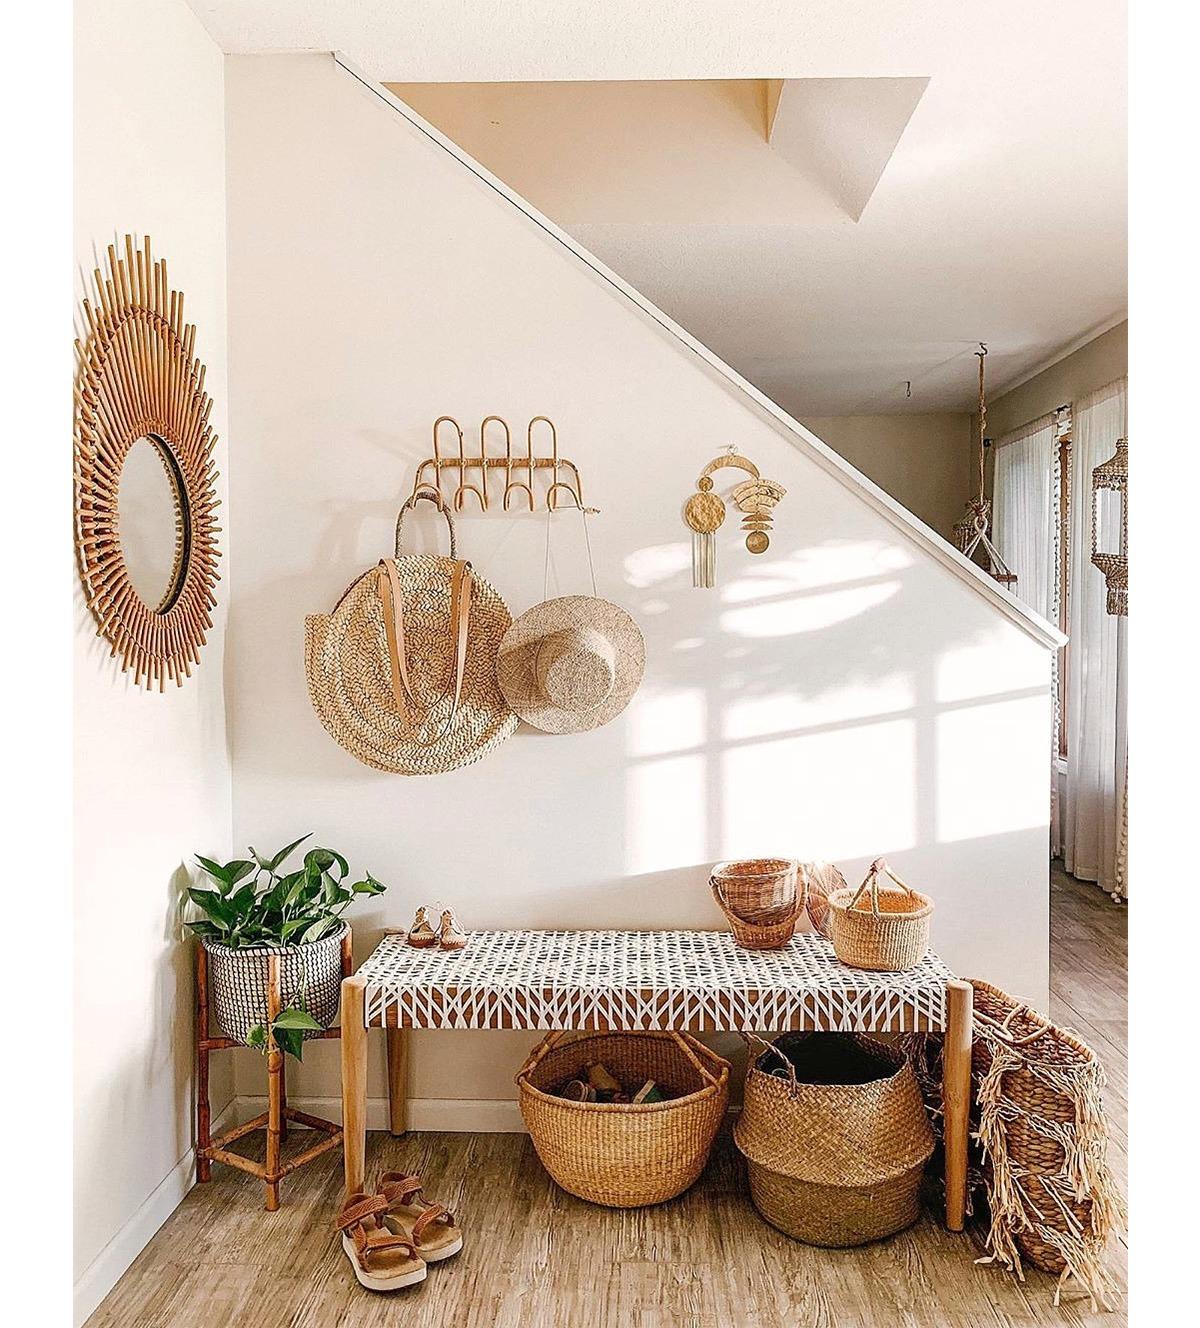 organiza el recibidor o zona de entrada de tu casa